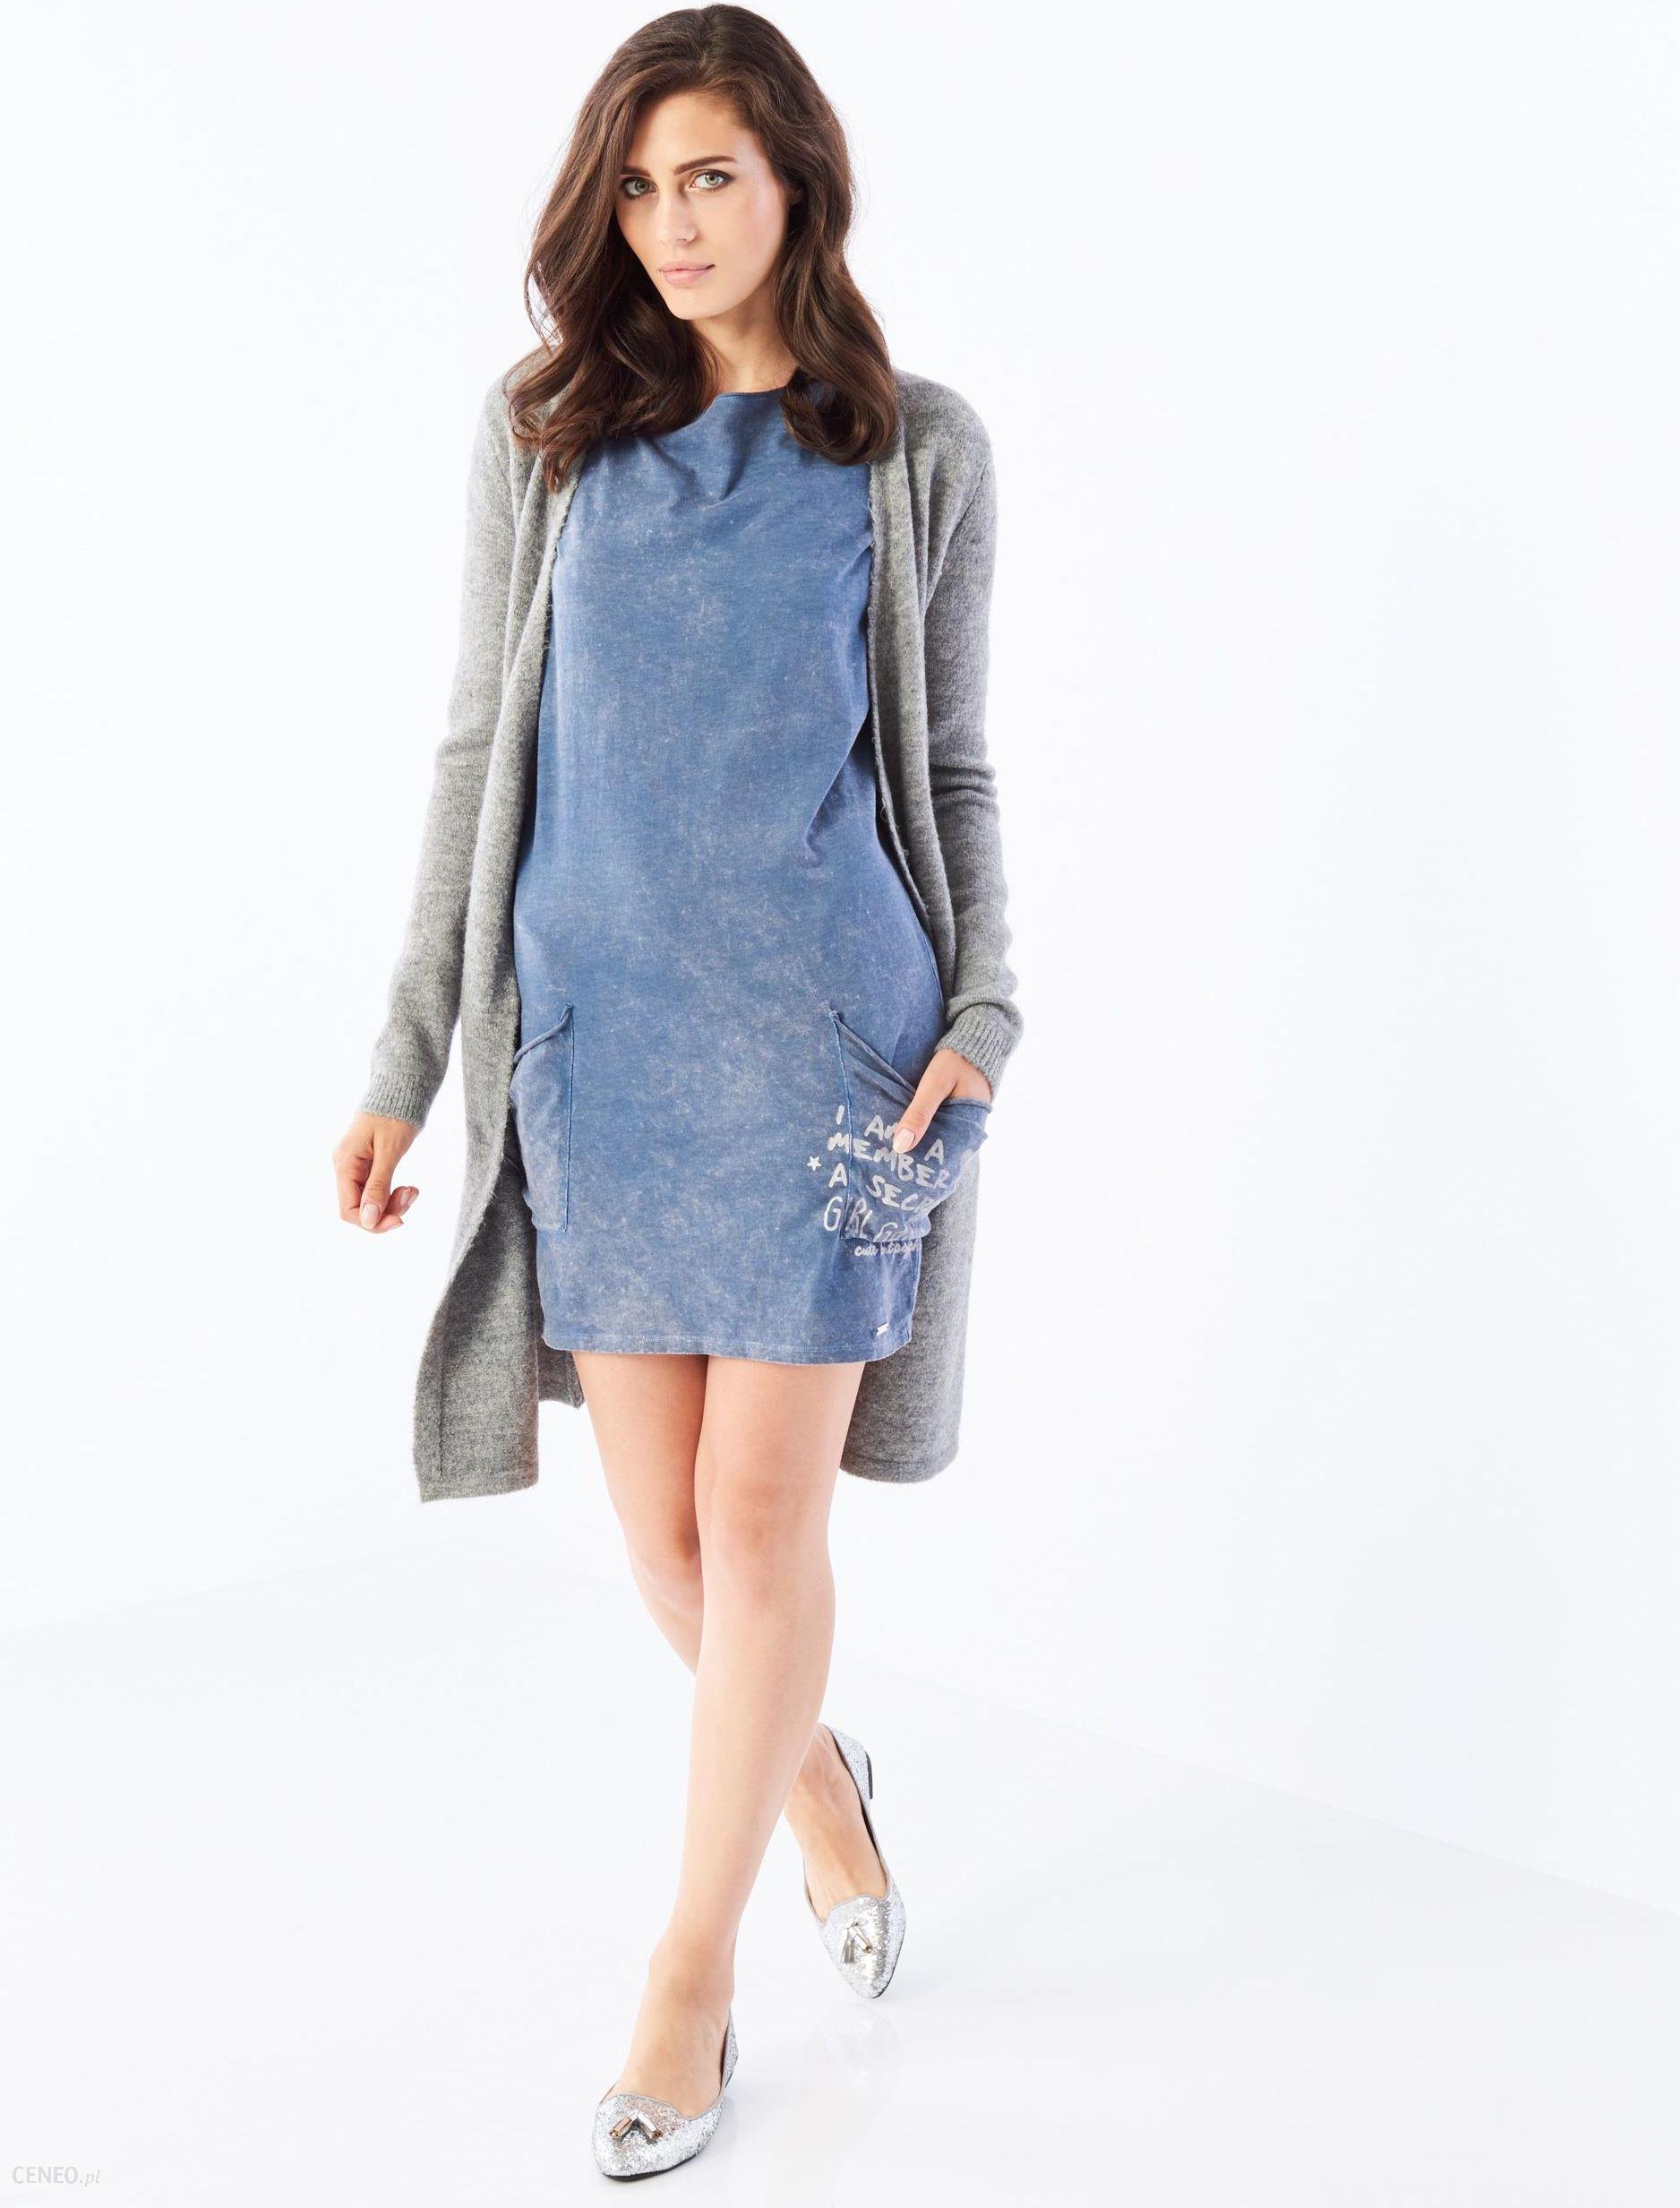 6d1cd240d2 Sukienka oversize z kieszeniami after hours - Mohito - Niebieski - damska -  zdjęcie 1